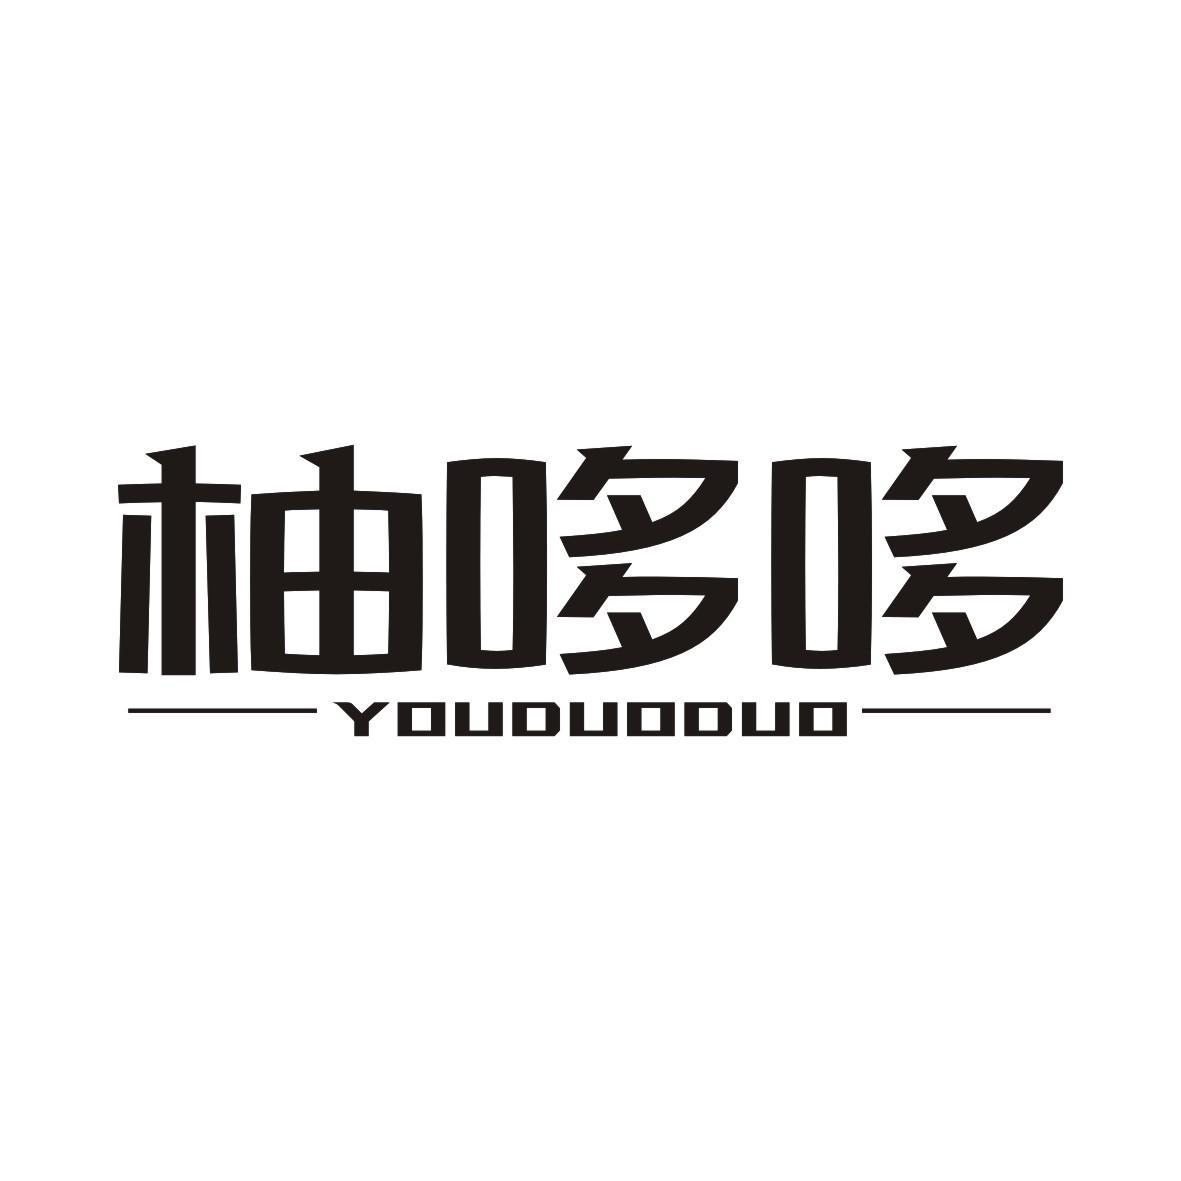 柚哆哆YOUDUODUO